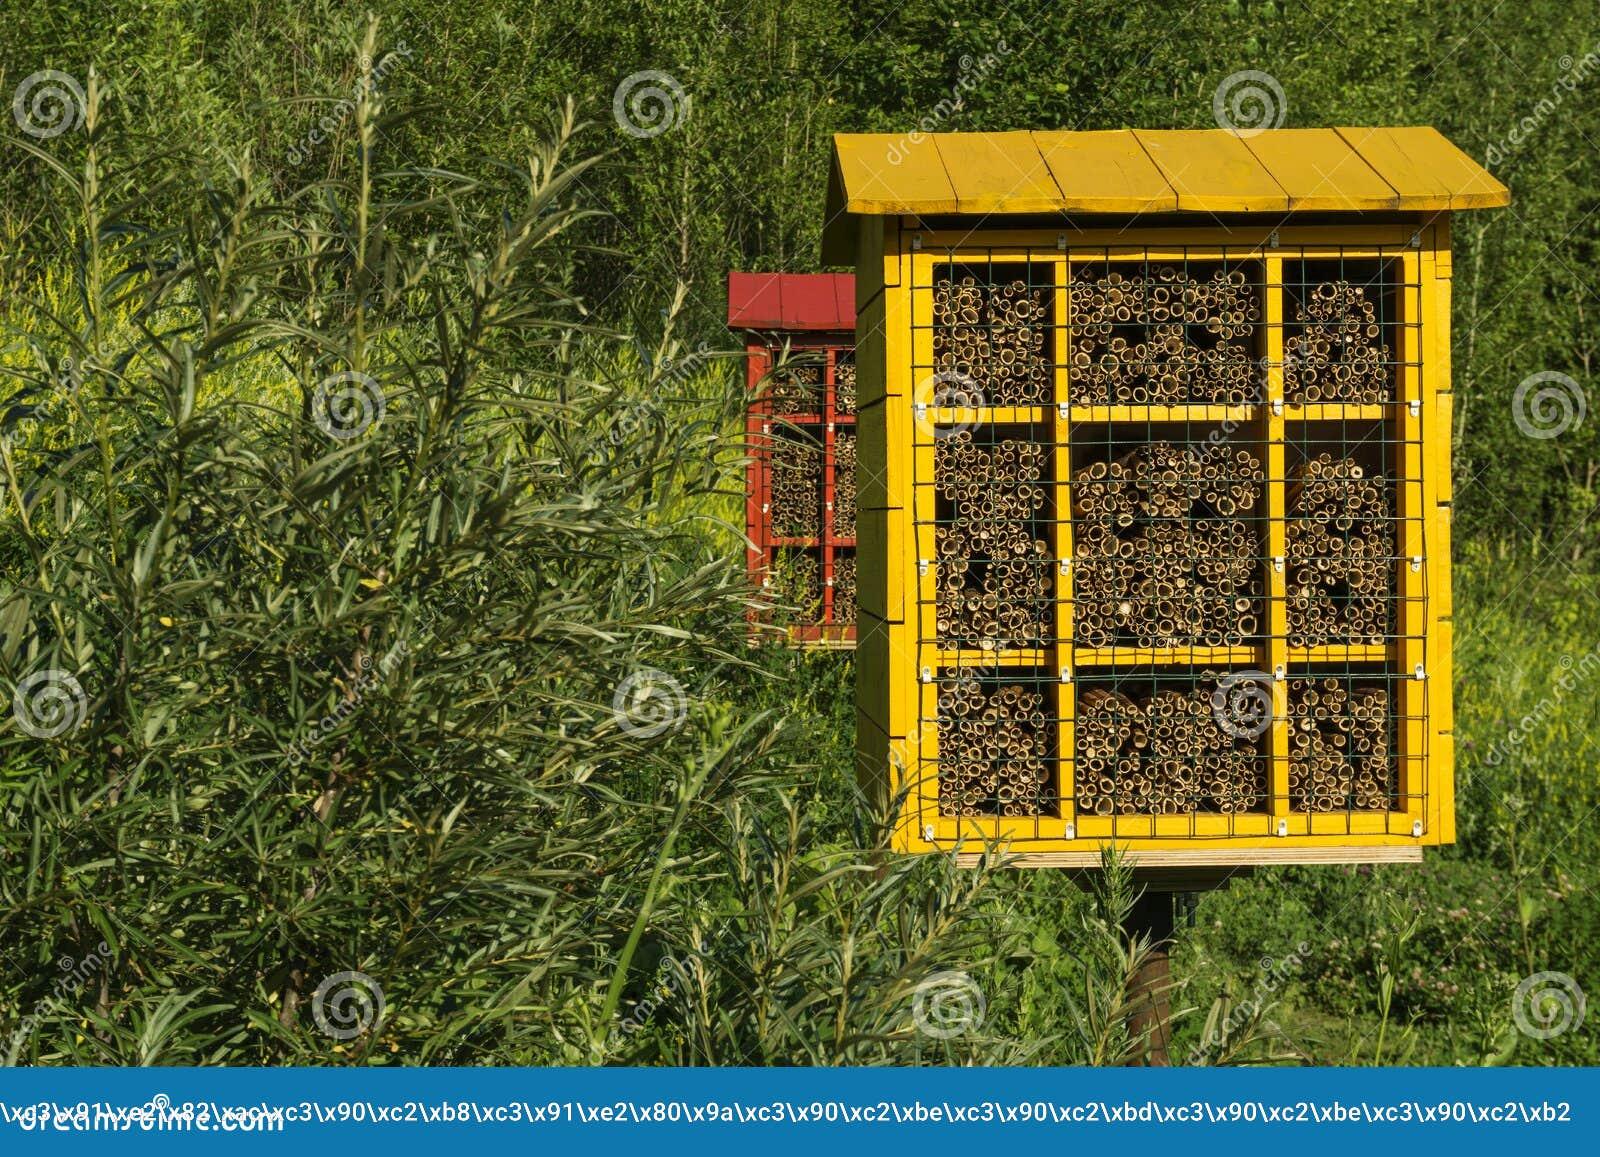 Blocos caseiros do ninho para abelhas de pedreiro para a polinização das plantas